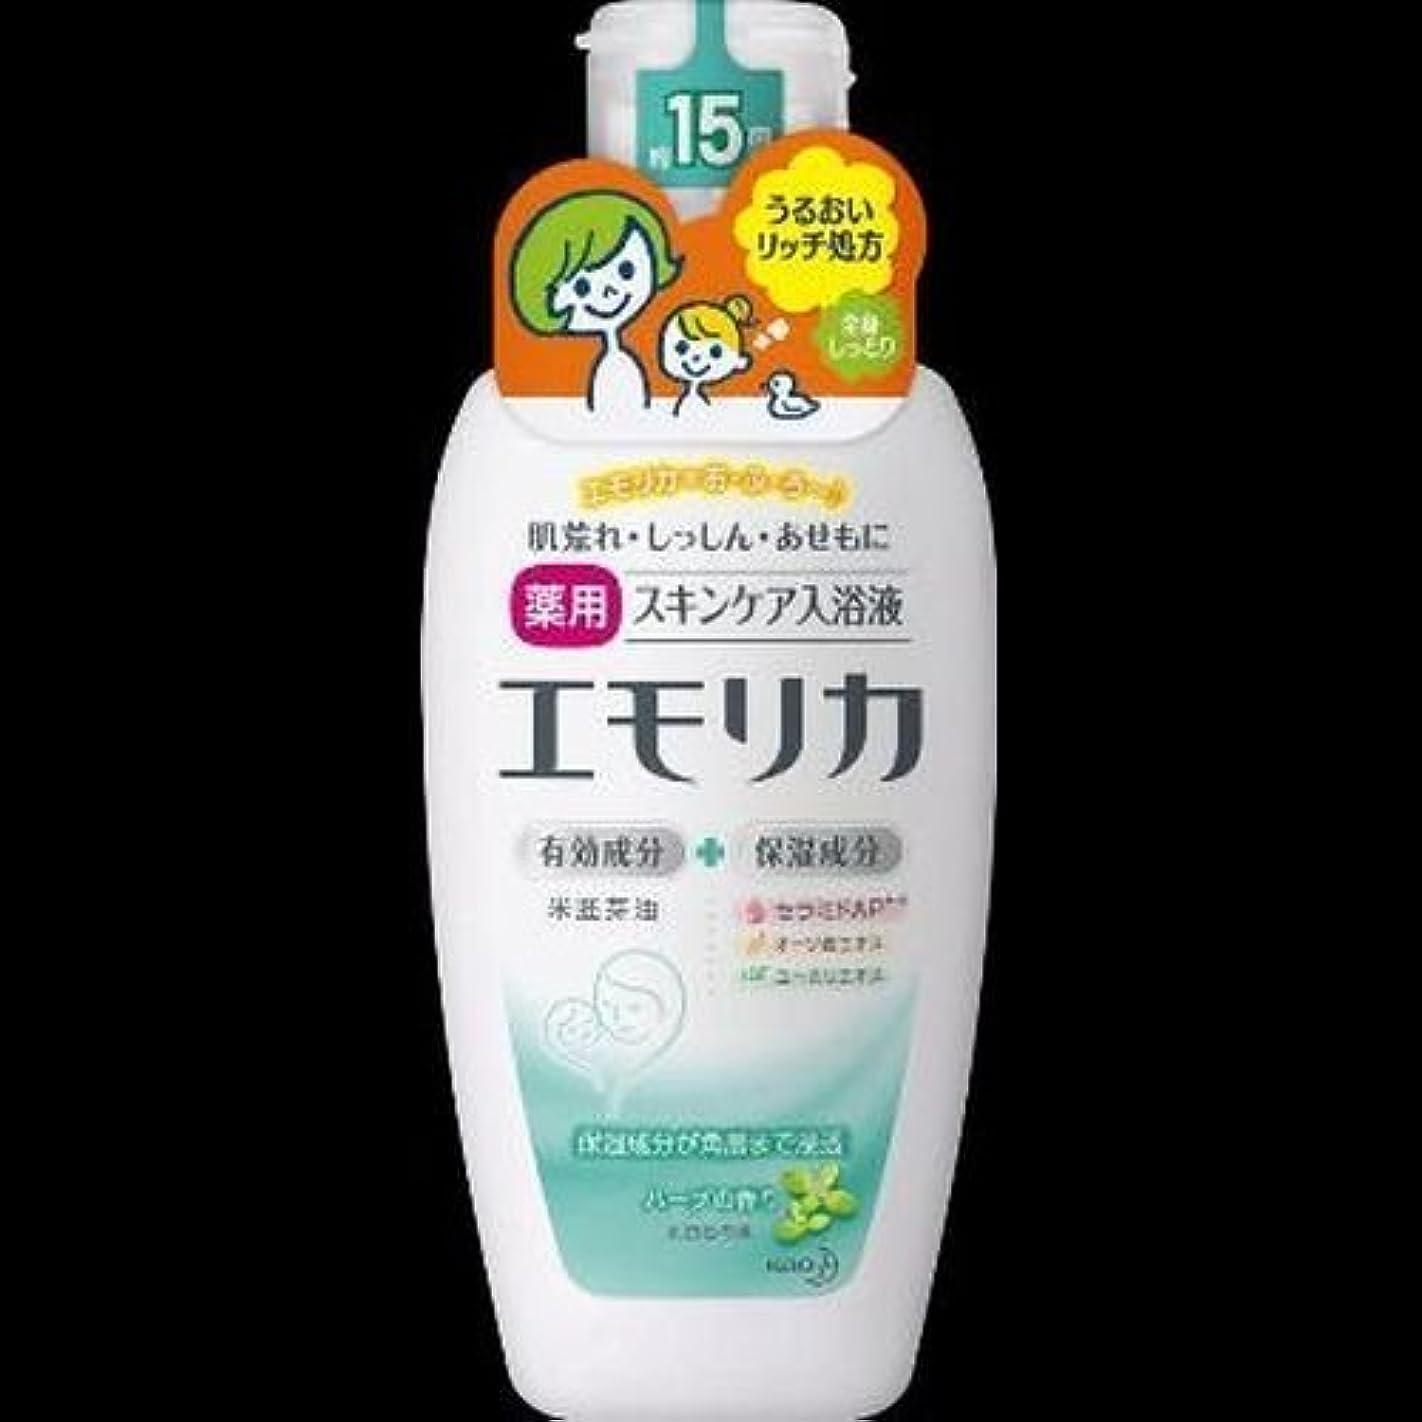 値ハウジングねばねば【まとめ買い】エモリカ ハーブの香り 本体 ×2セット